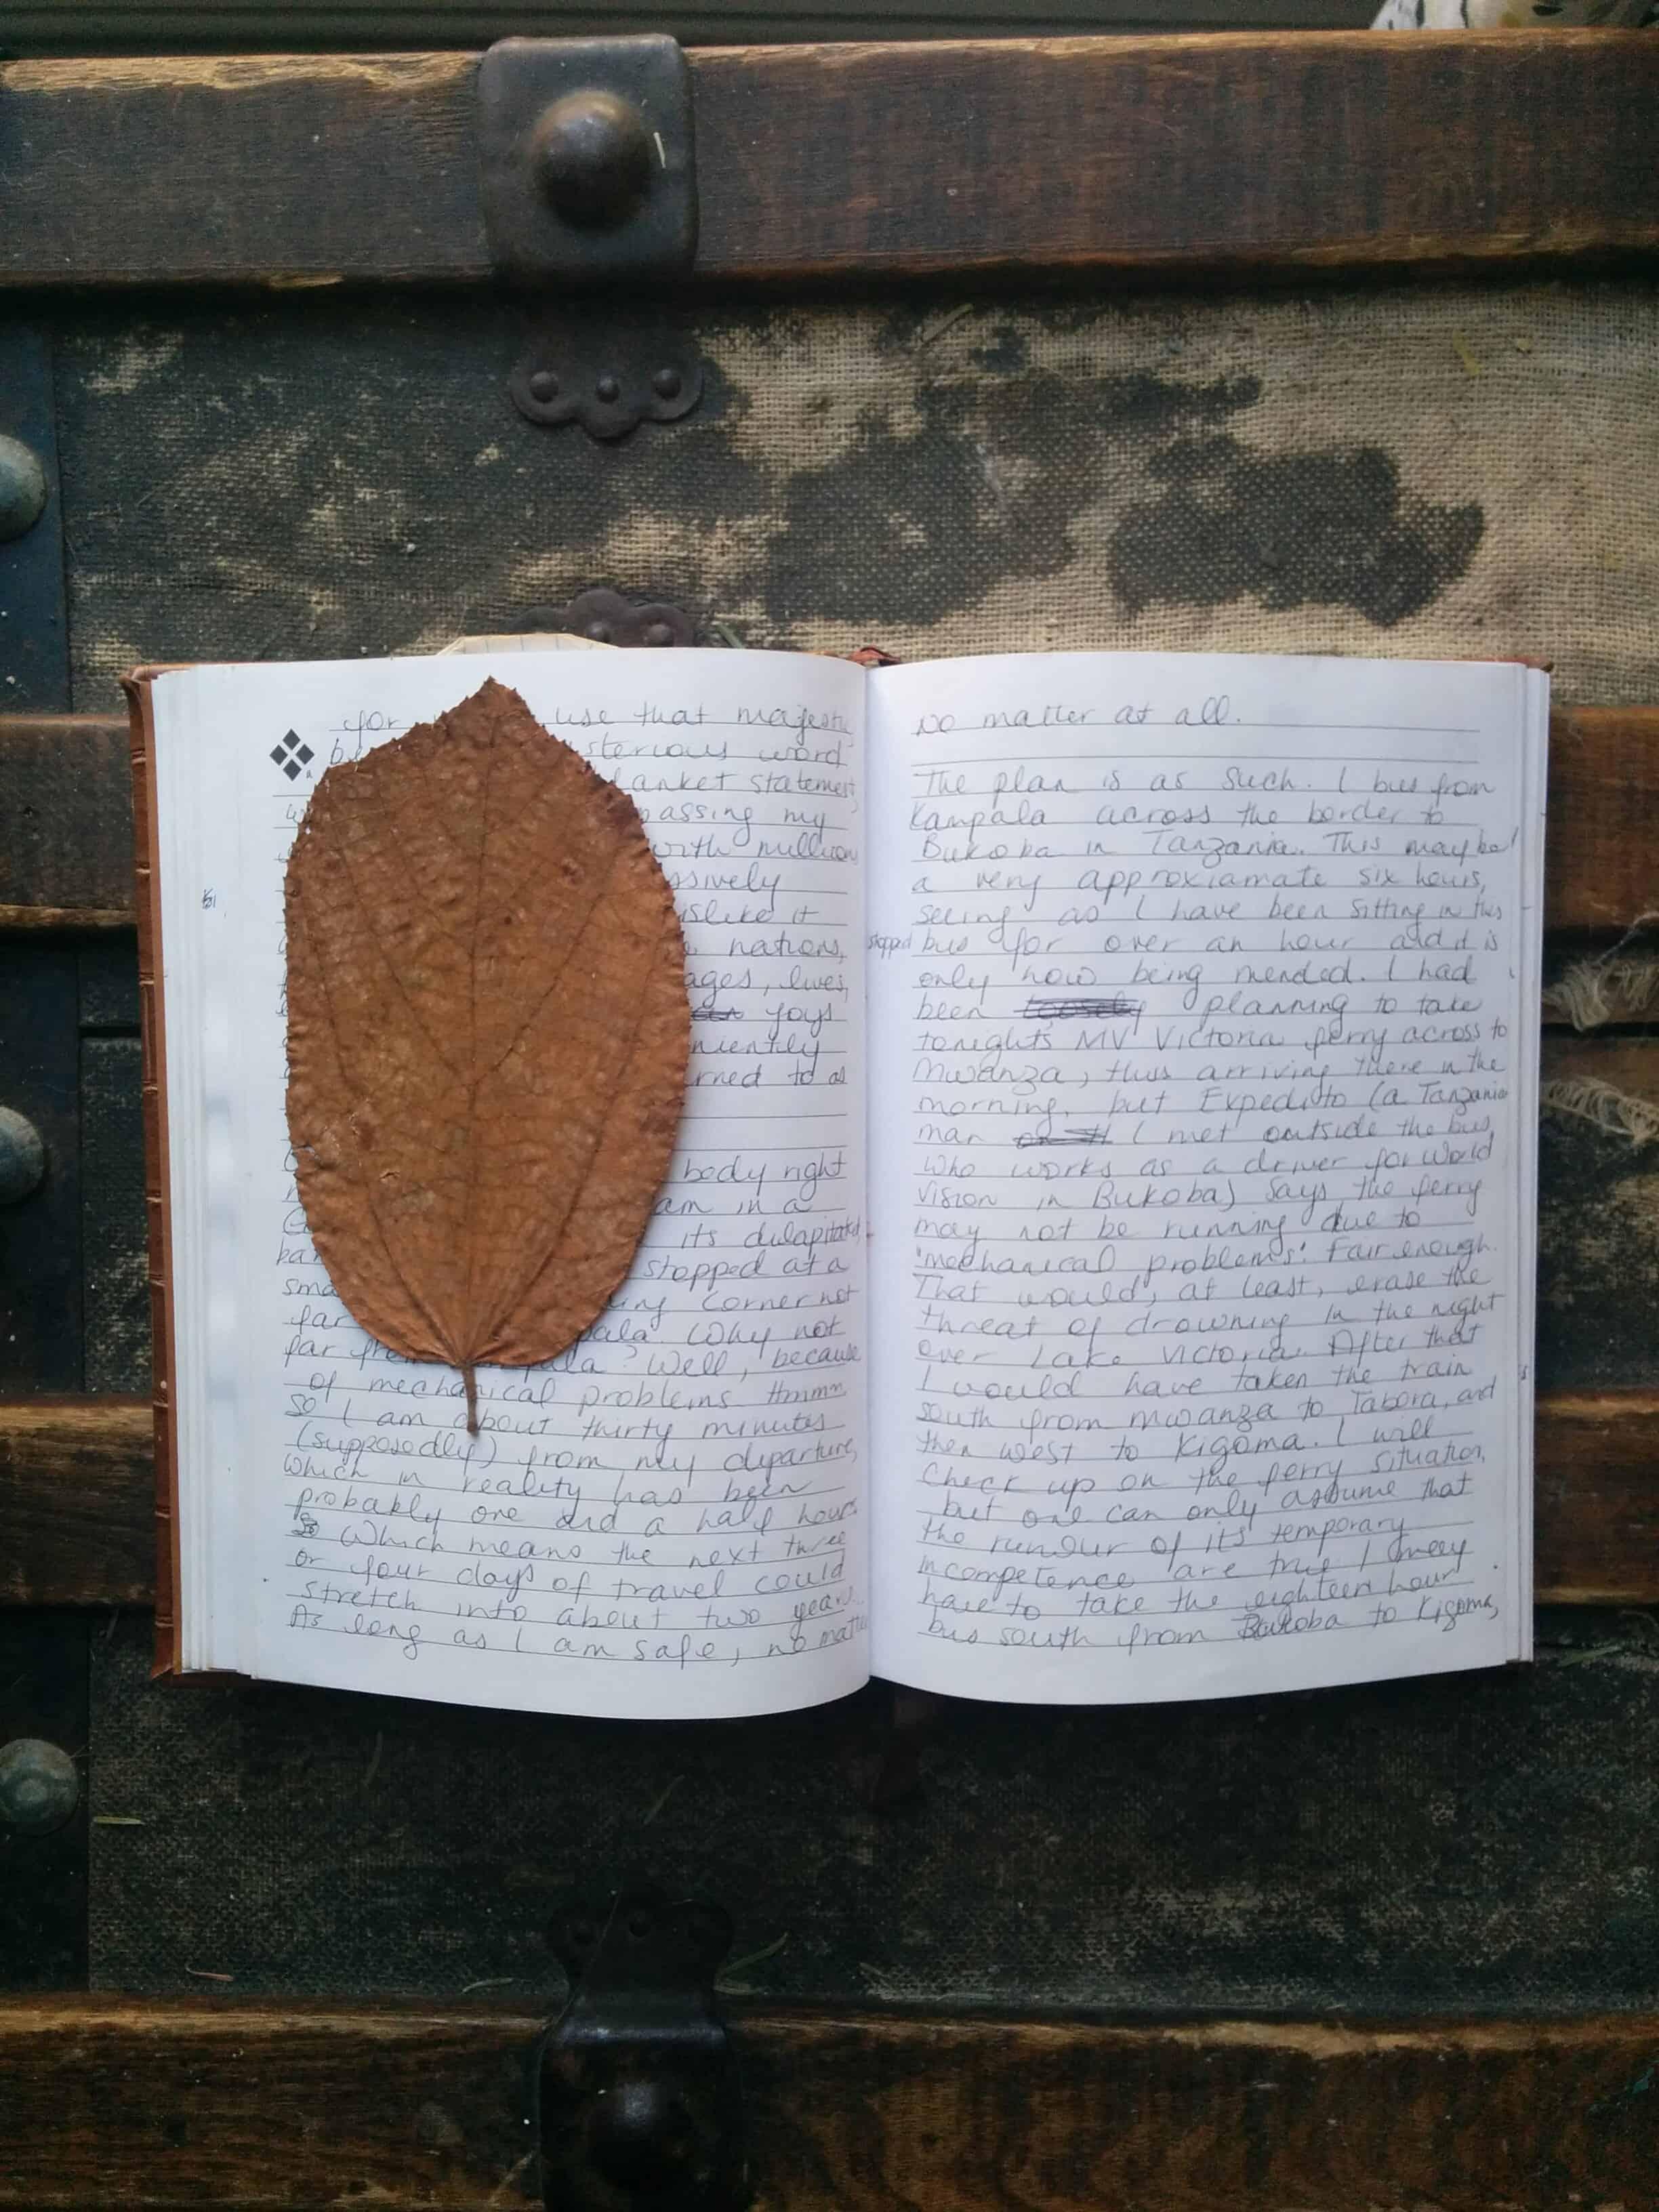 Gombe Journal - Irene Whittaker-Cumming